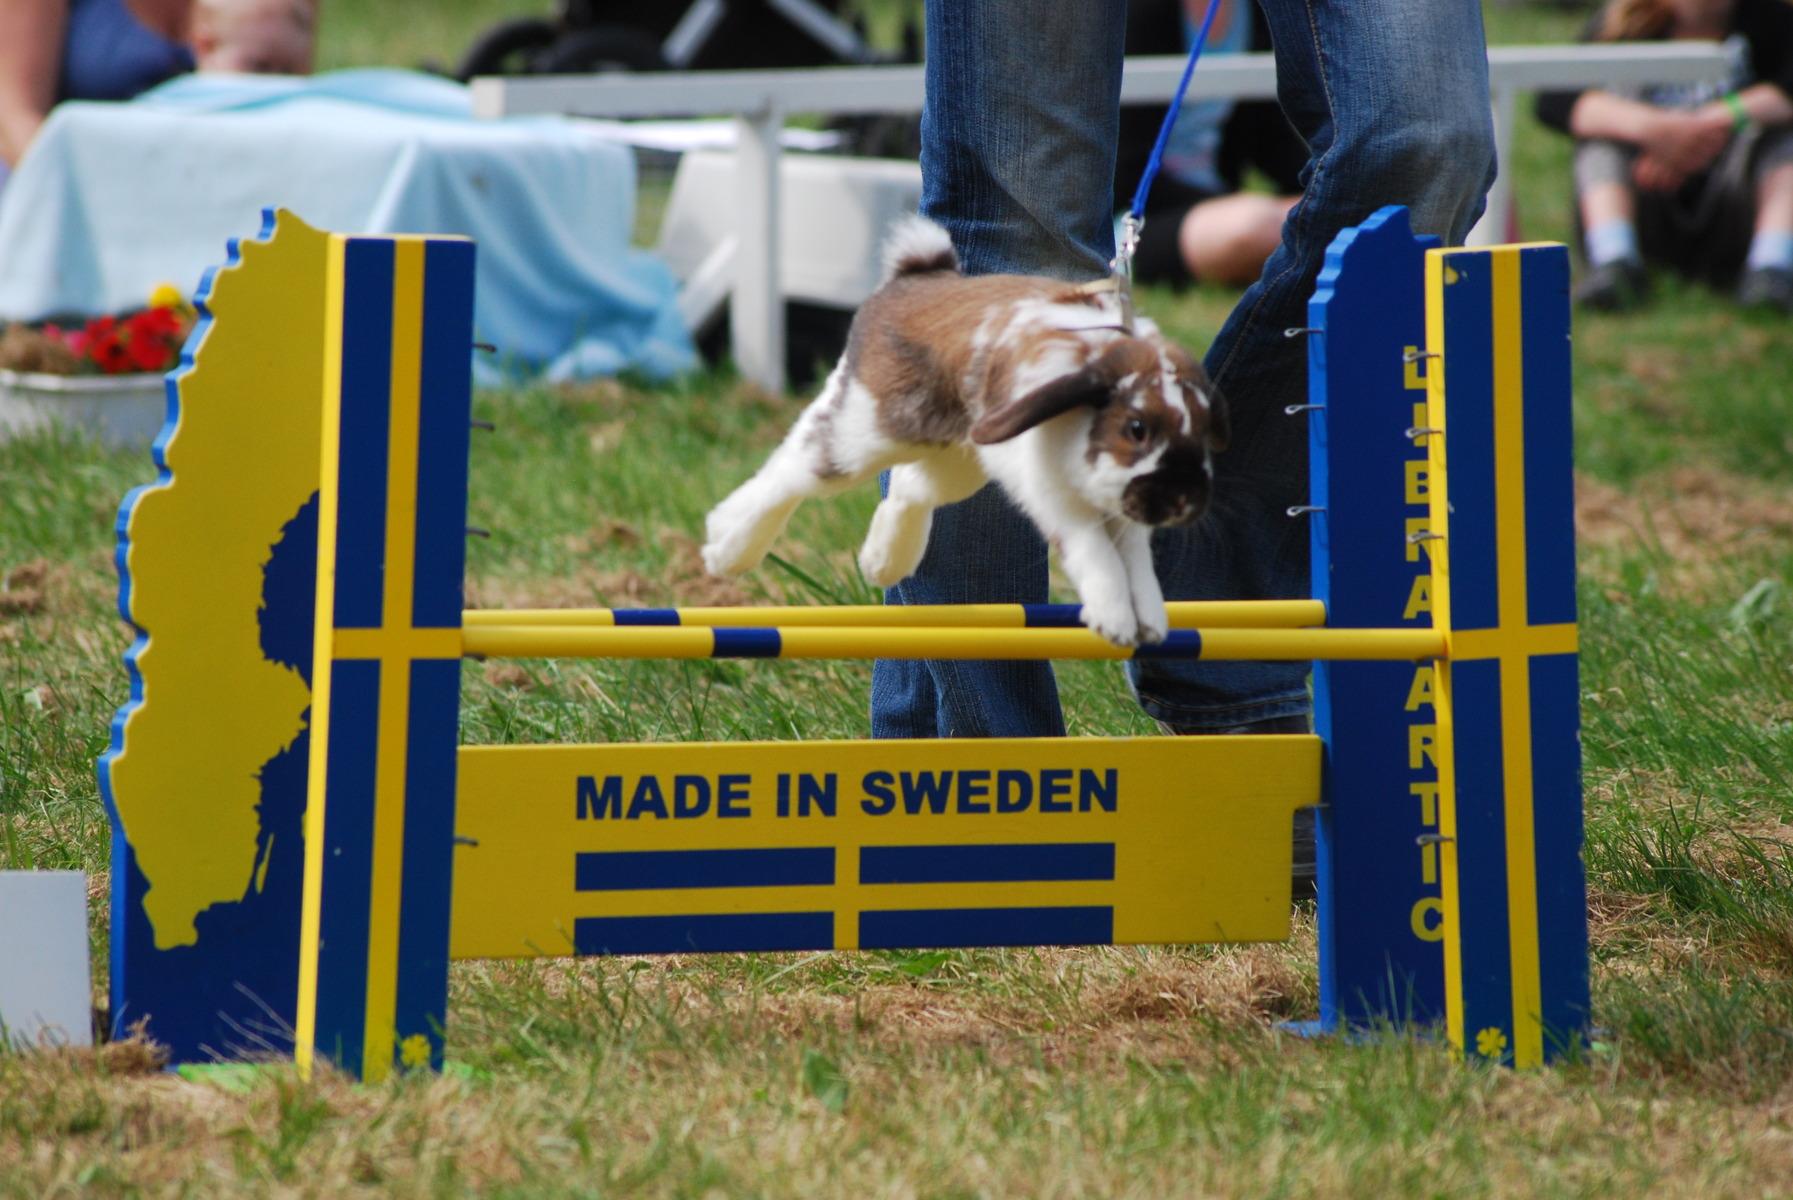 Kaninhoppning Tävling